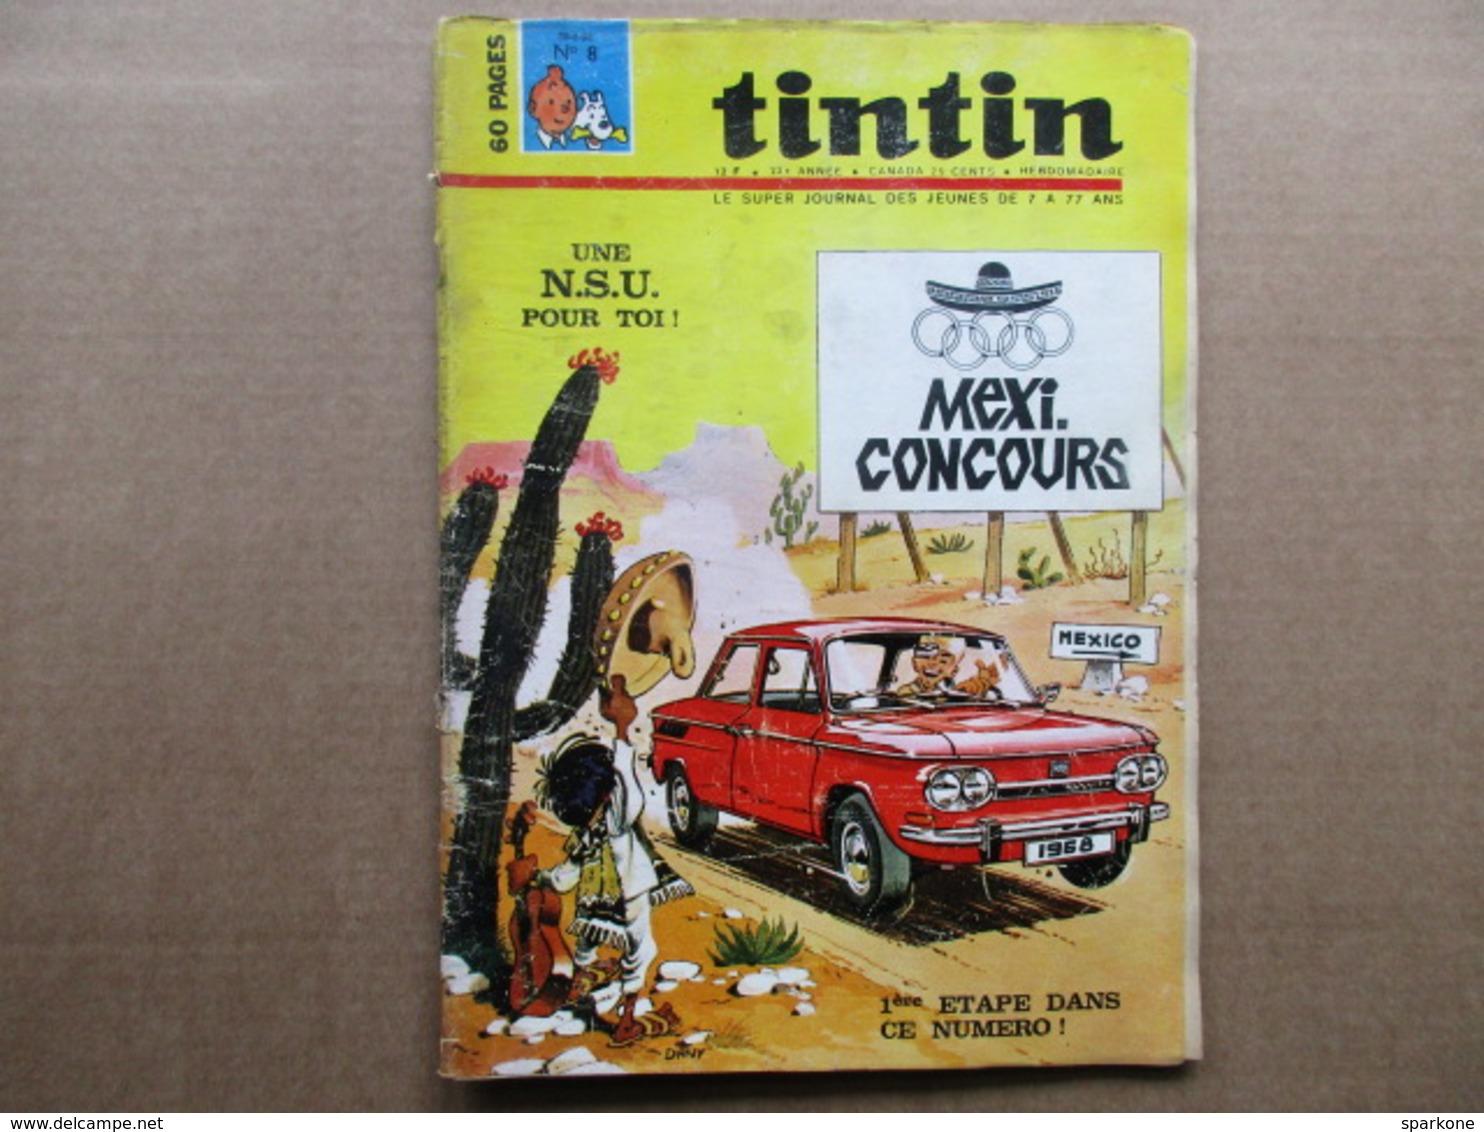 Tintin Le Super Journal Des Jeunes De 7 à 77 Ans  (N° 8 / 1968) 23° Année Édition Belge - Boeken, Tijdschriften, Stripverhalen